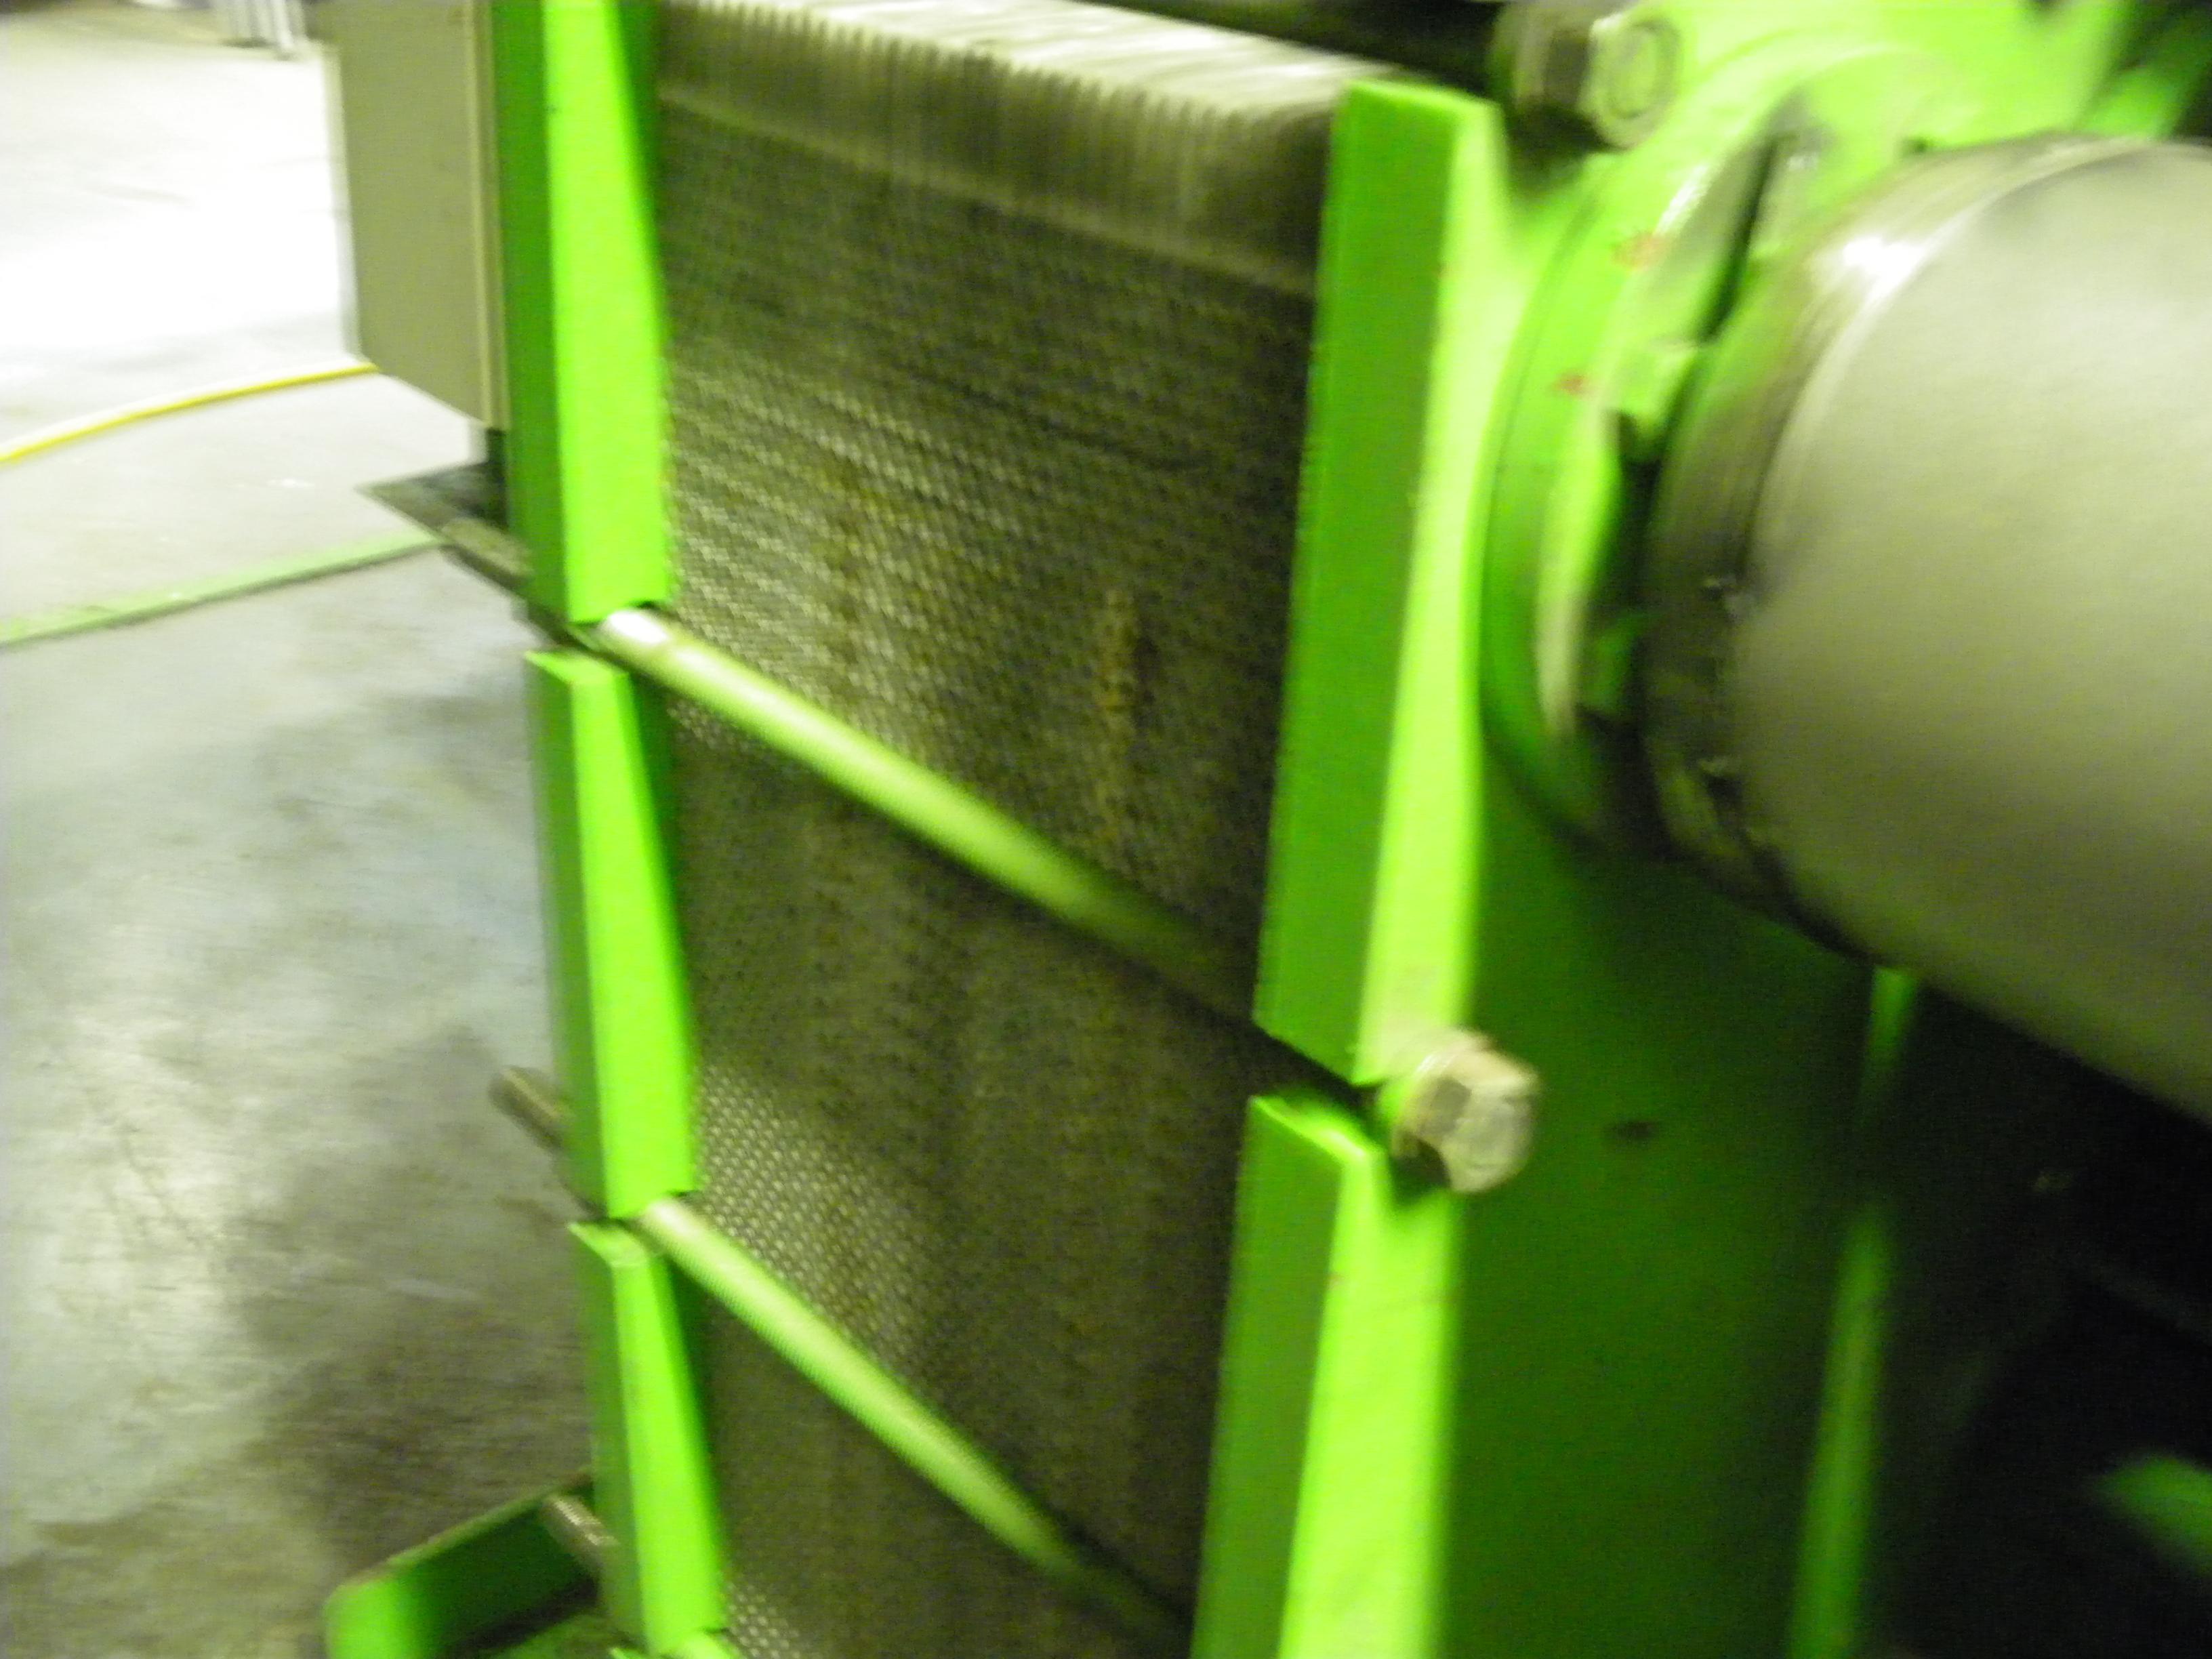 CHP heat exchanger